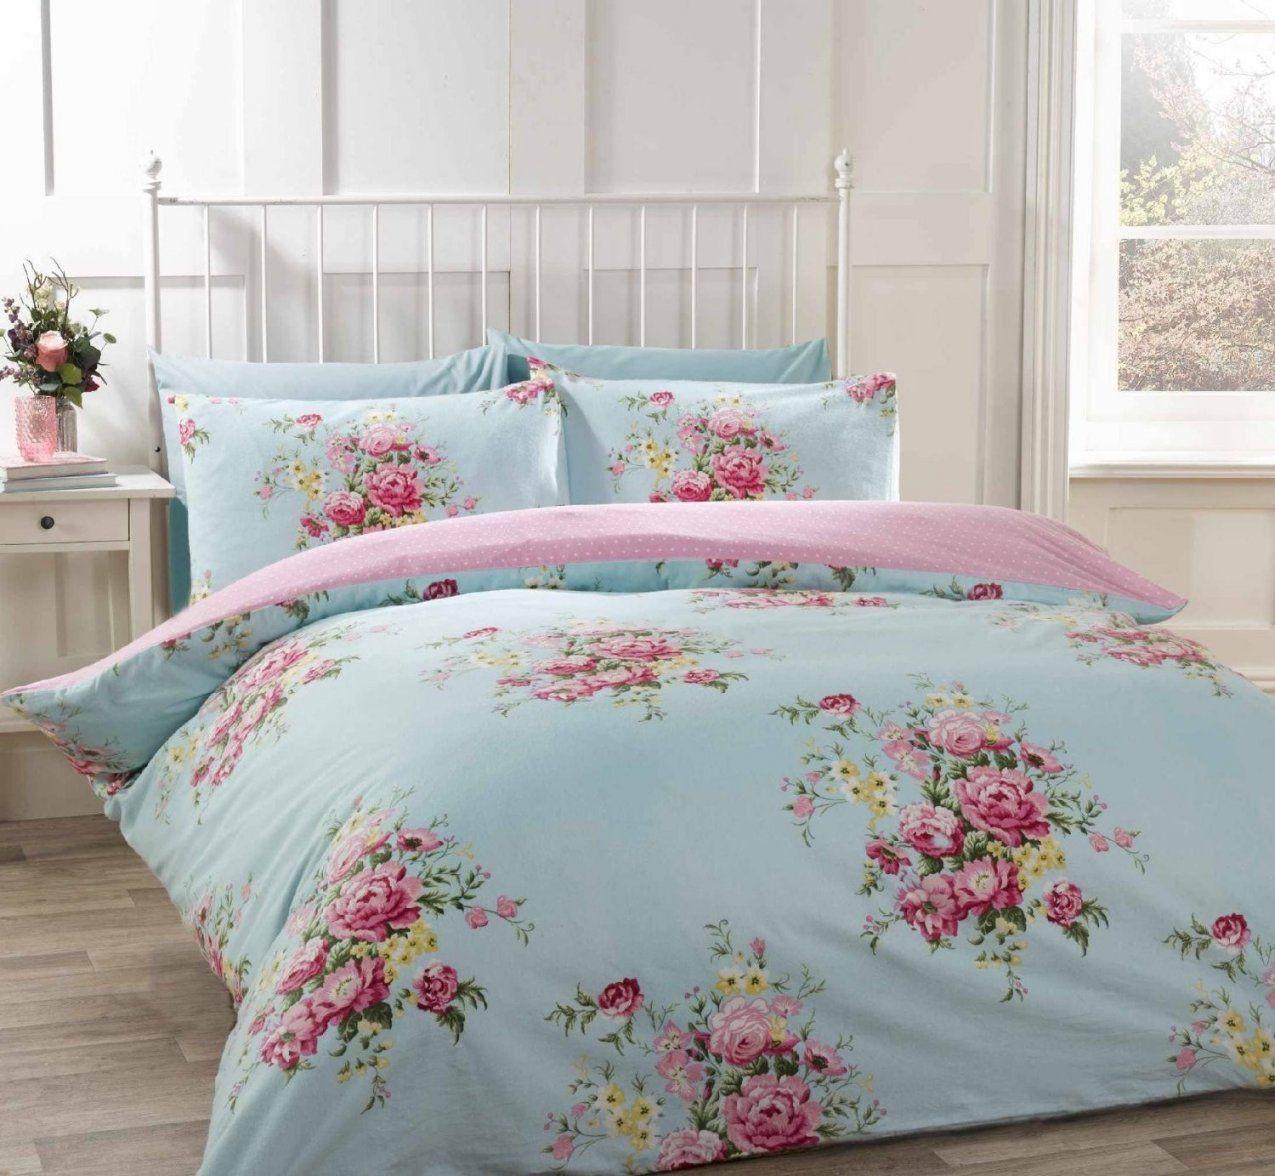 Raffiniert Bettwäsche Selbst Gestalten 155X220  Bettwäsche Ideen von Bettwäsche Selbst Gestalten Günstig Photo